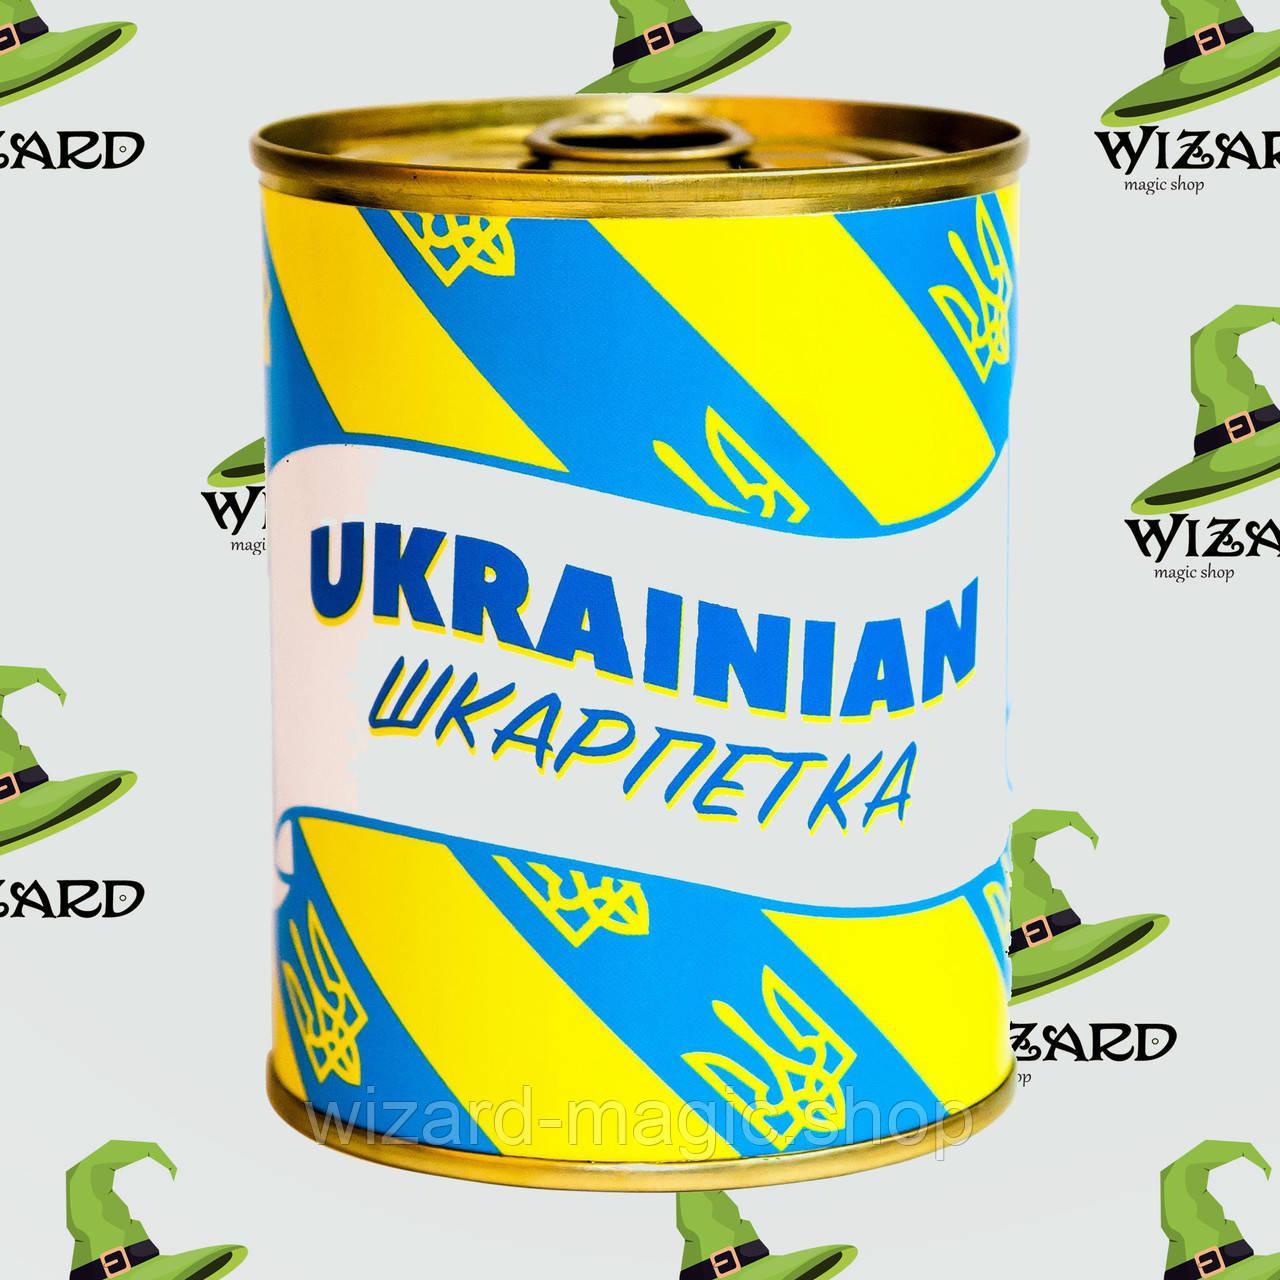 Консерва носок Ukrainian шкарпетка